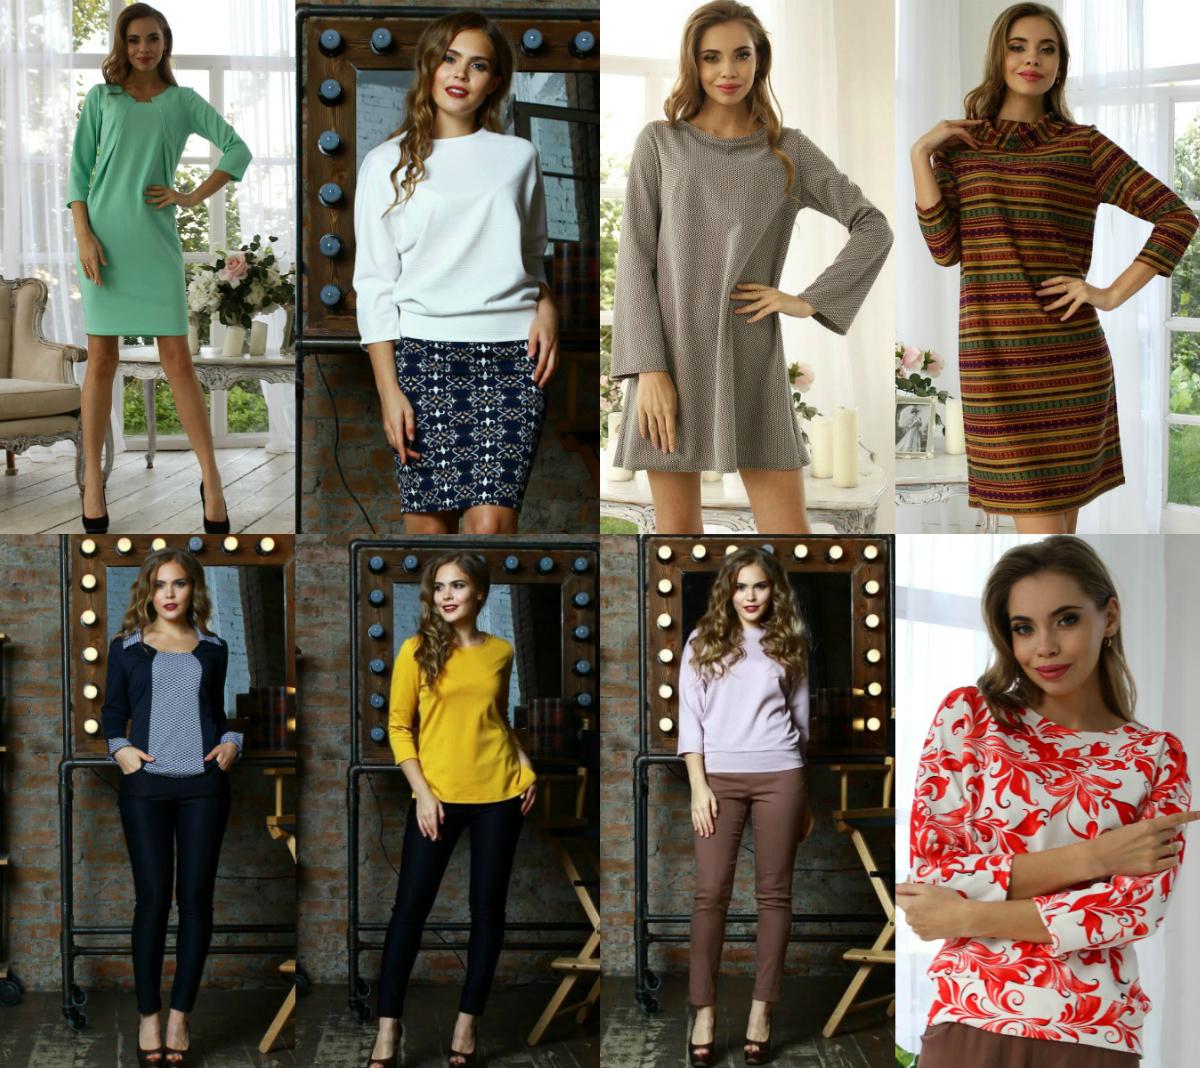 Женская одежда Freia-28. Элегантность и стиль. 42-54. Есть распродажа!